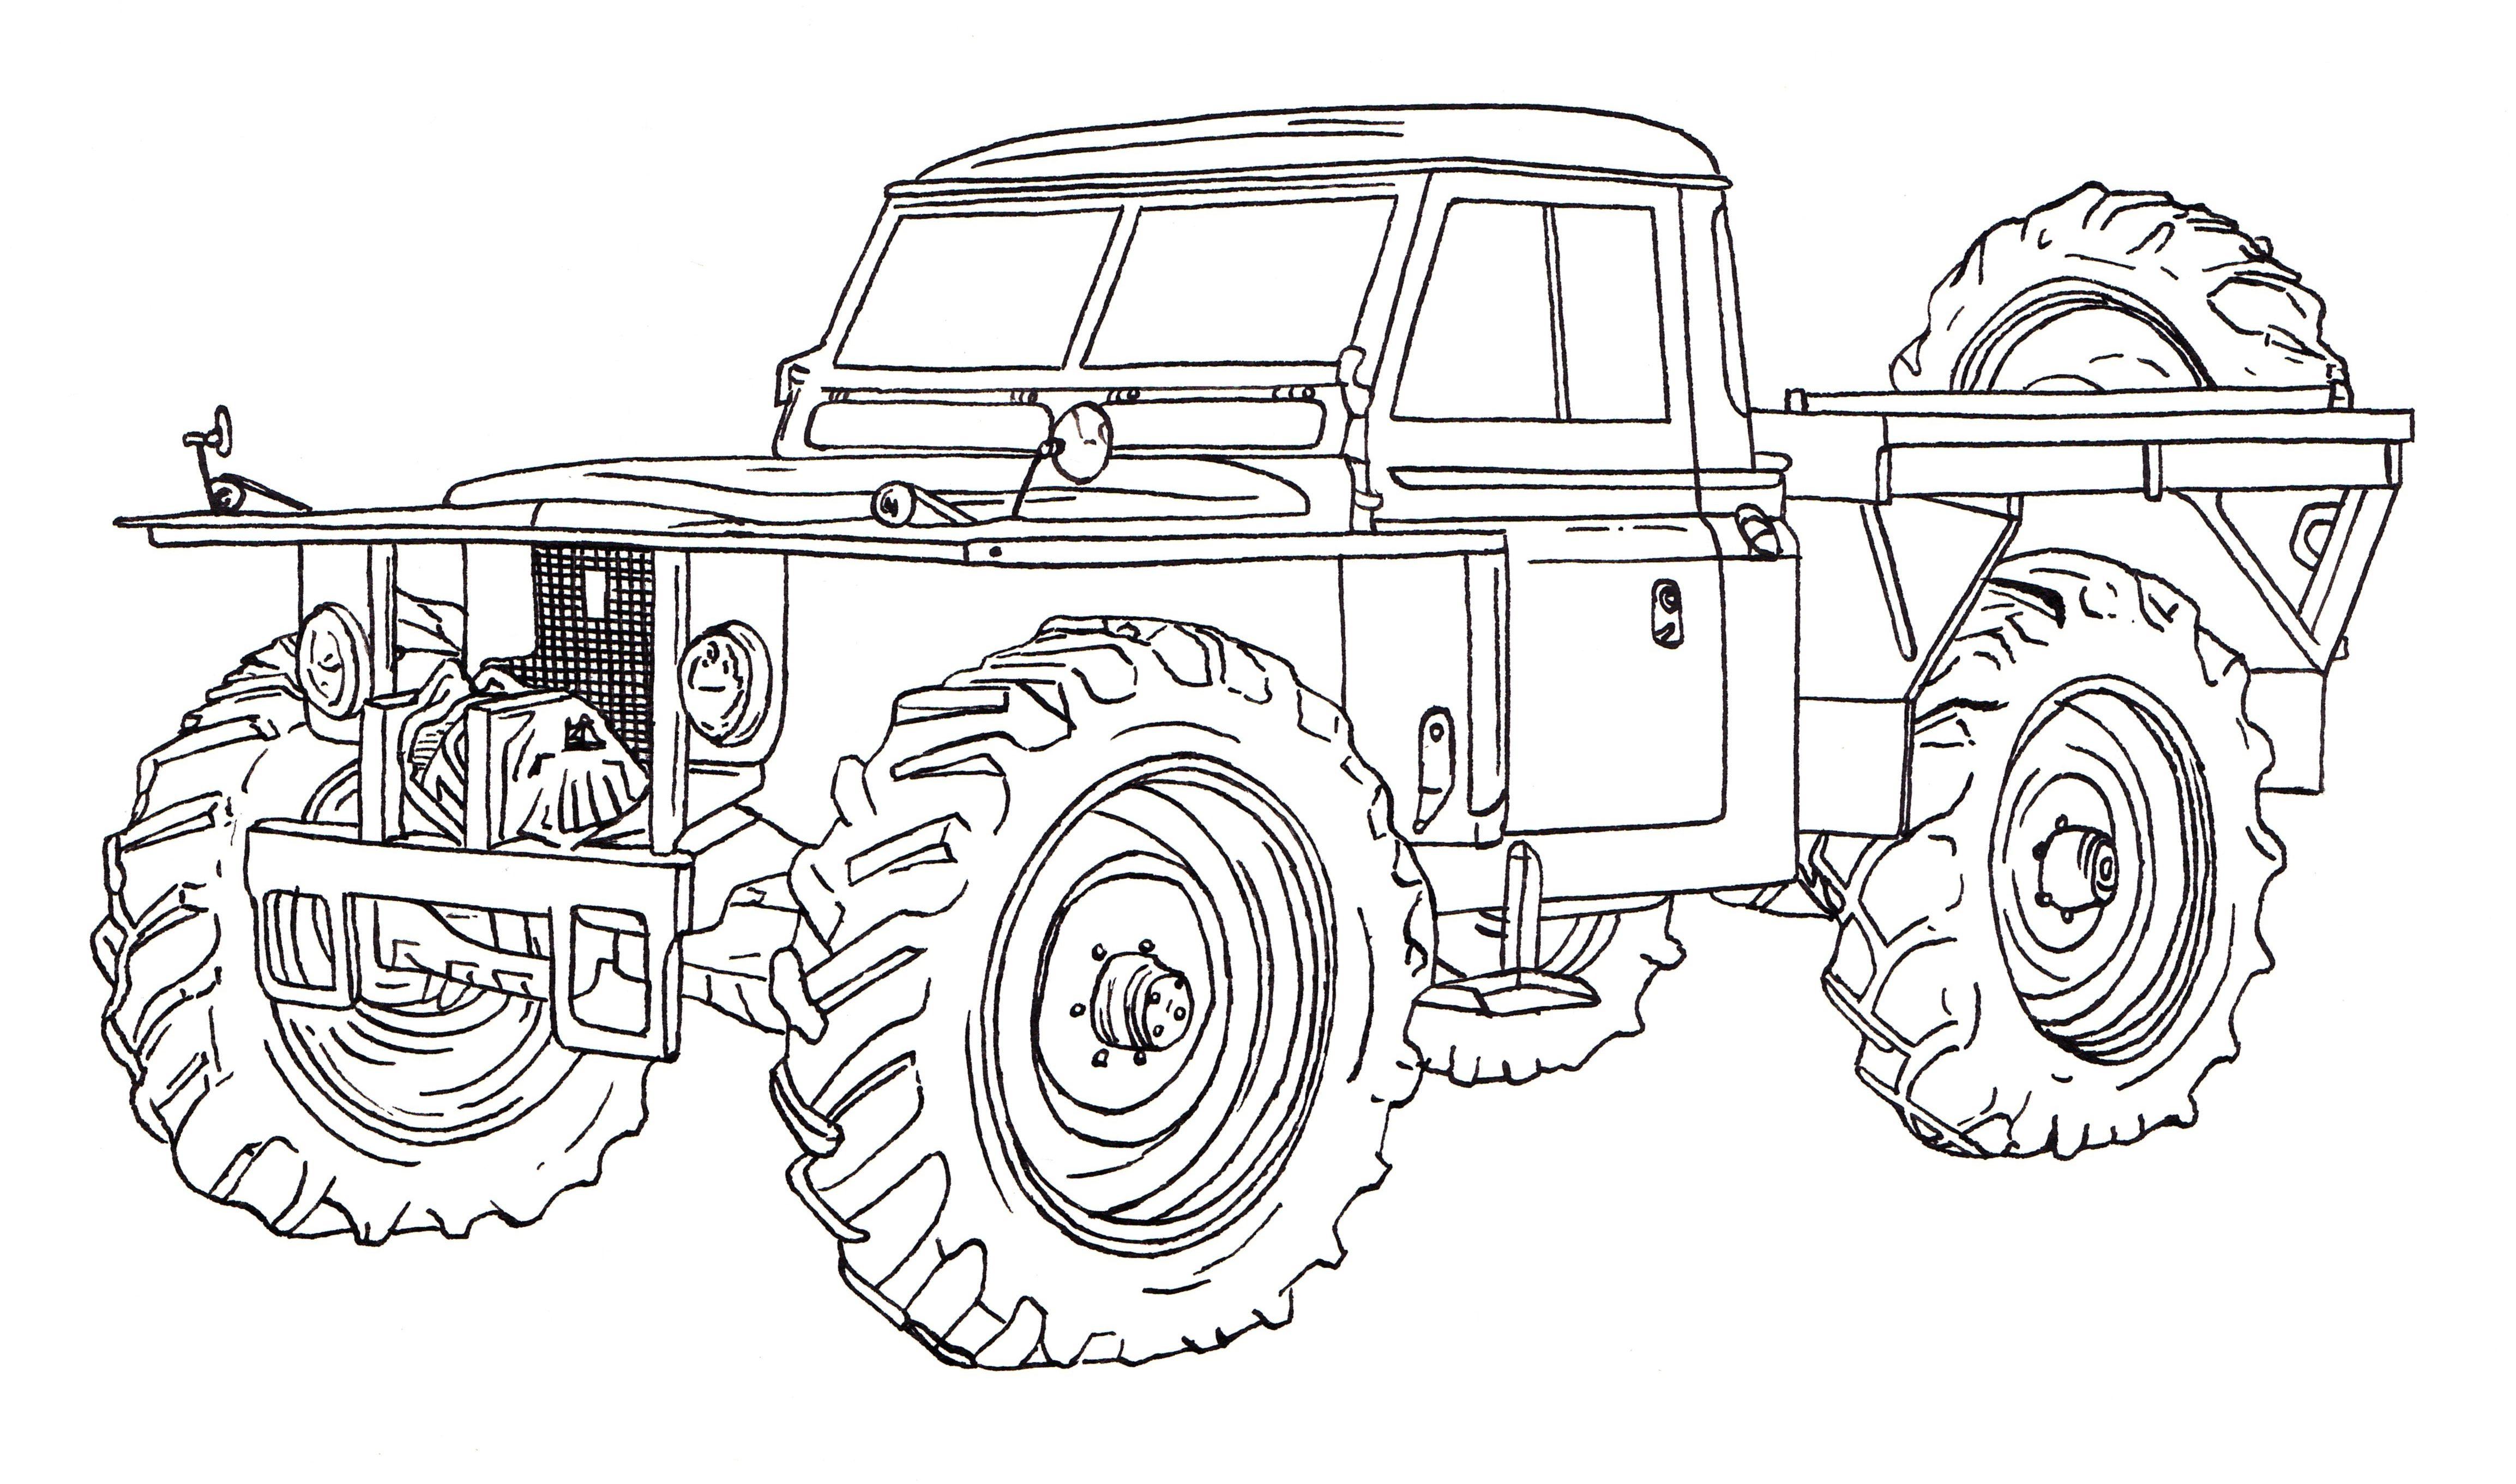 A Land Rover Car